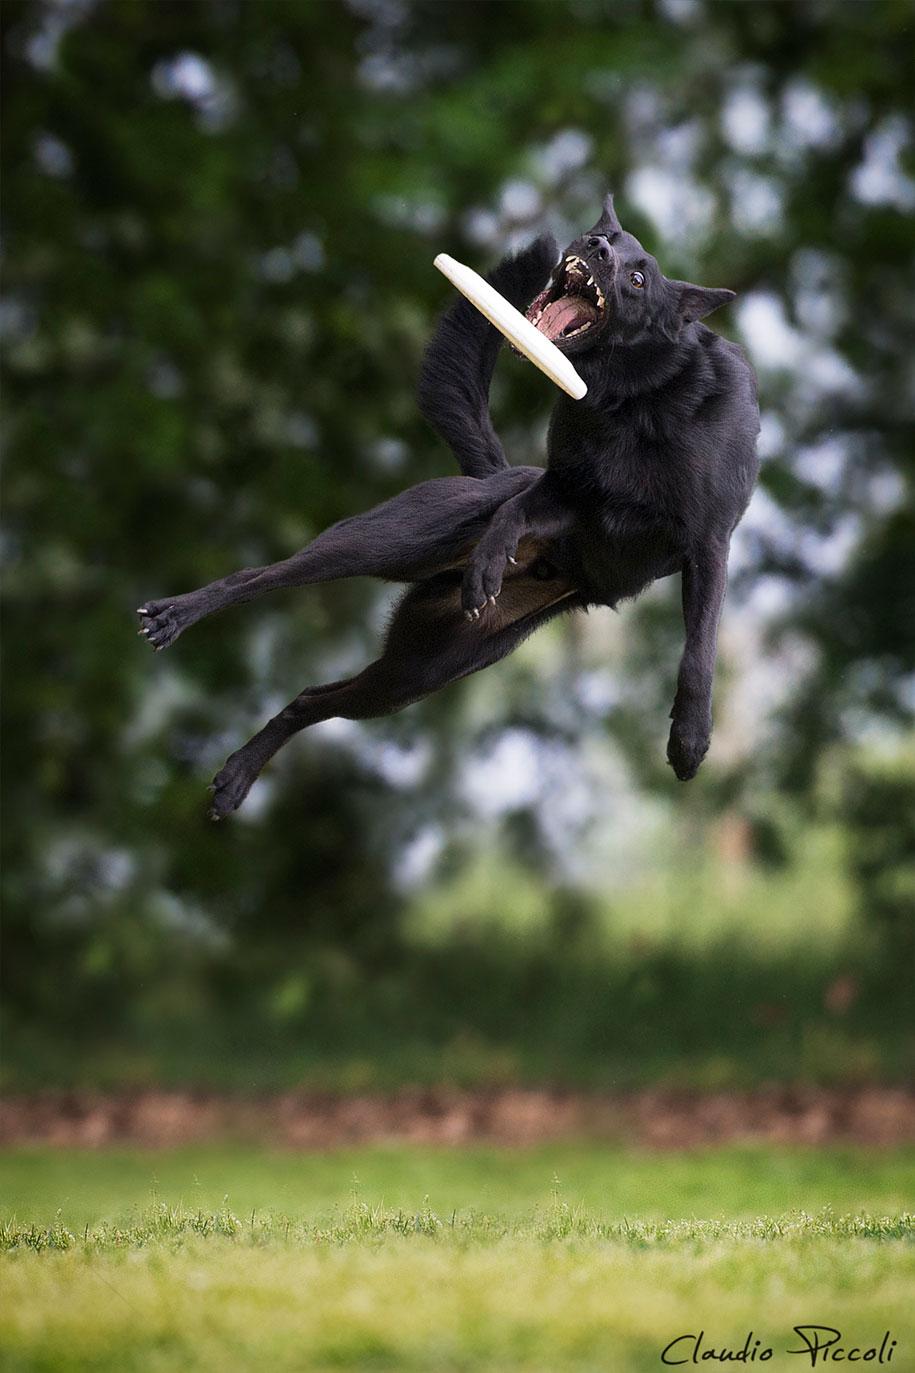 fotografia-cani-che-volano-frisbee-claudio-piccoli-12